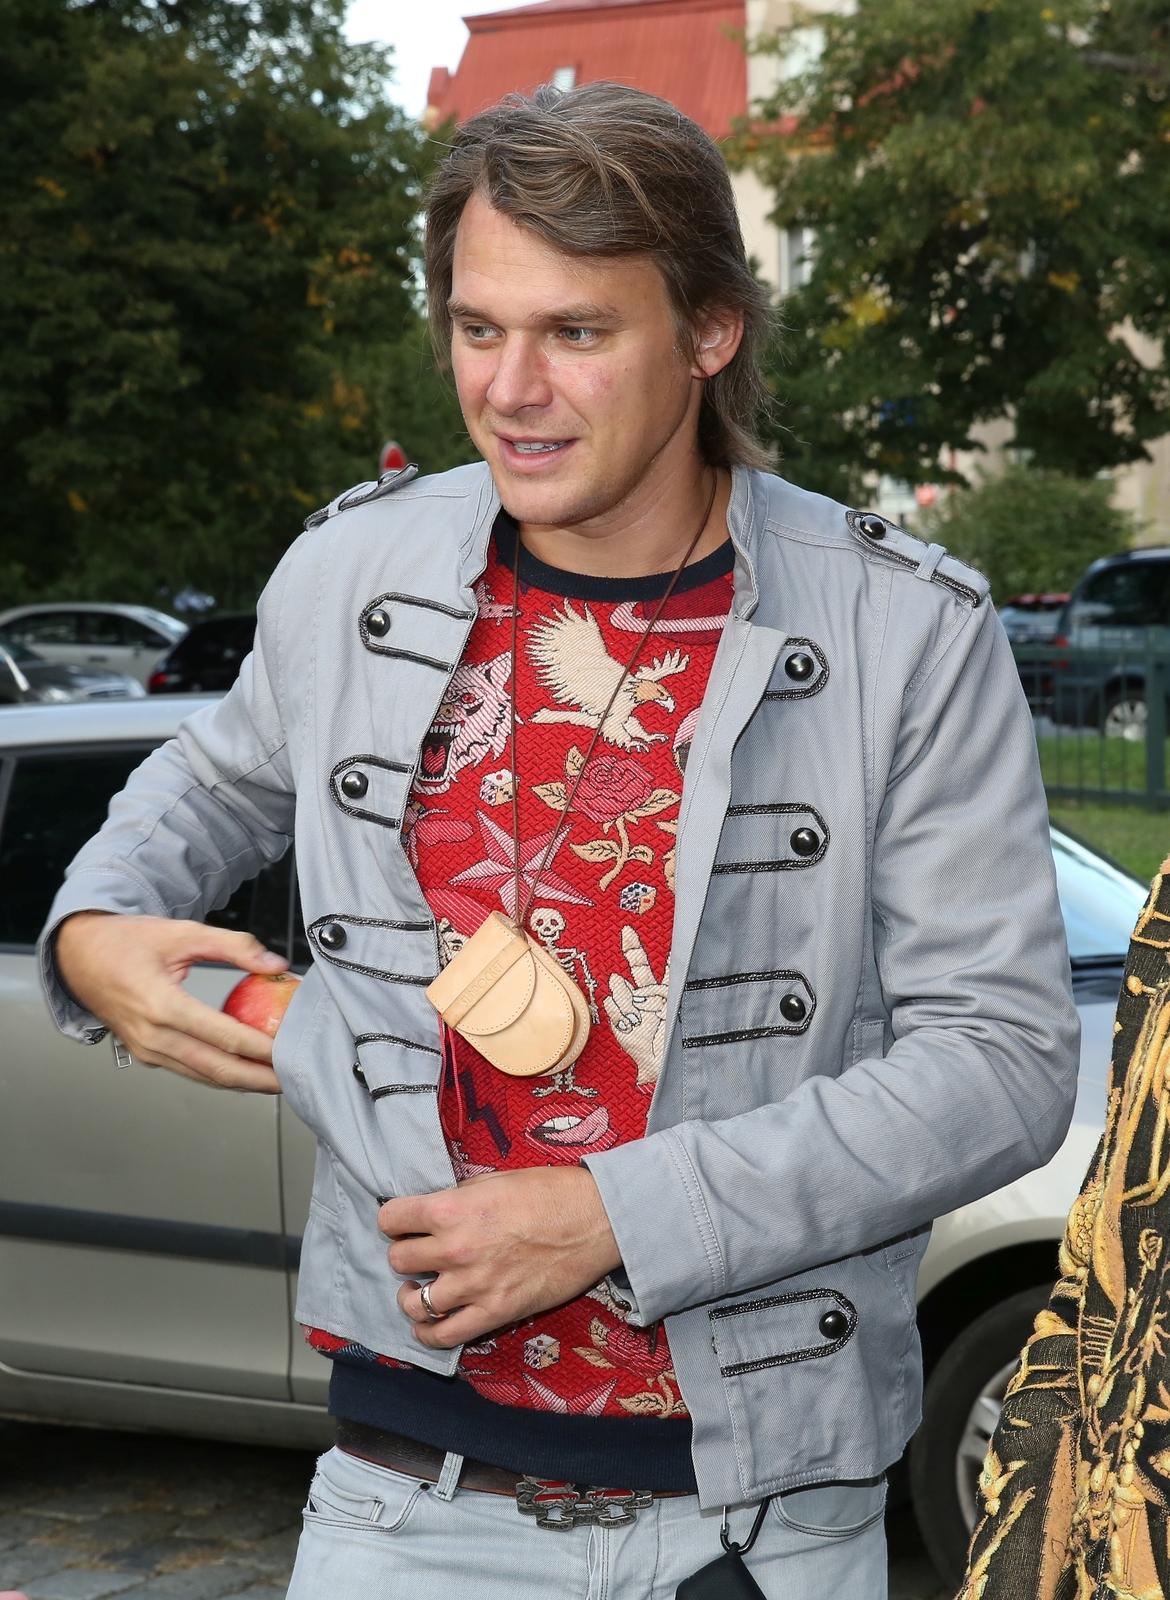 Před křtem si Vojta vzal jablko, které měl v kapse.